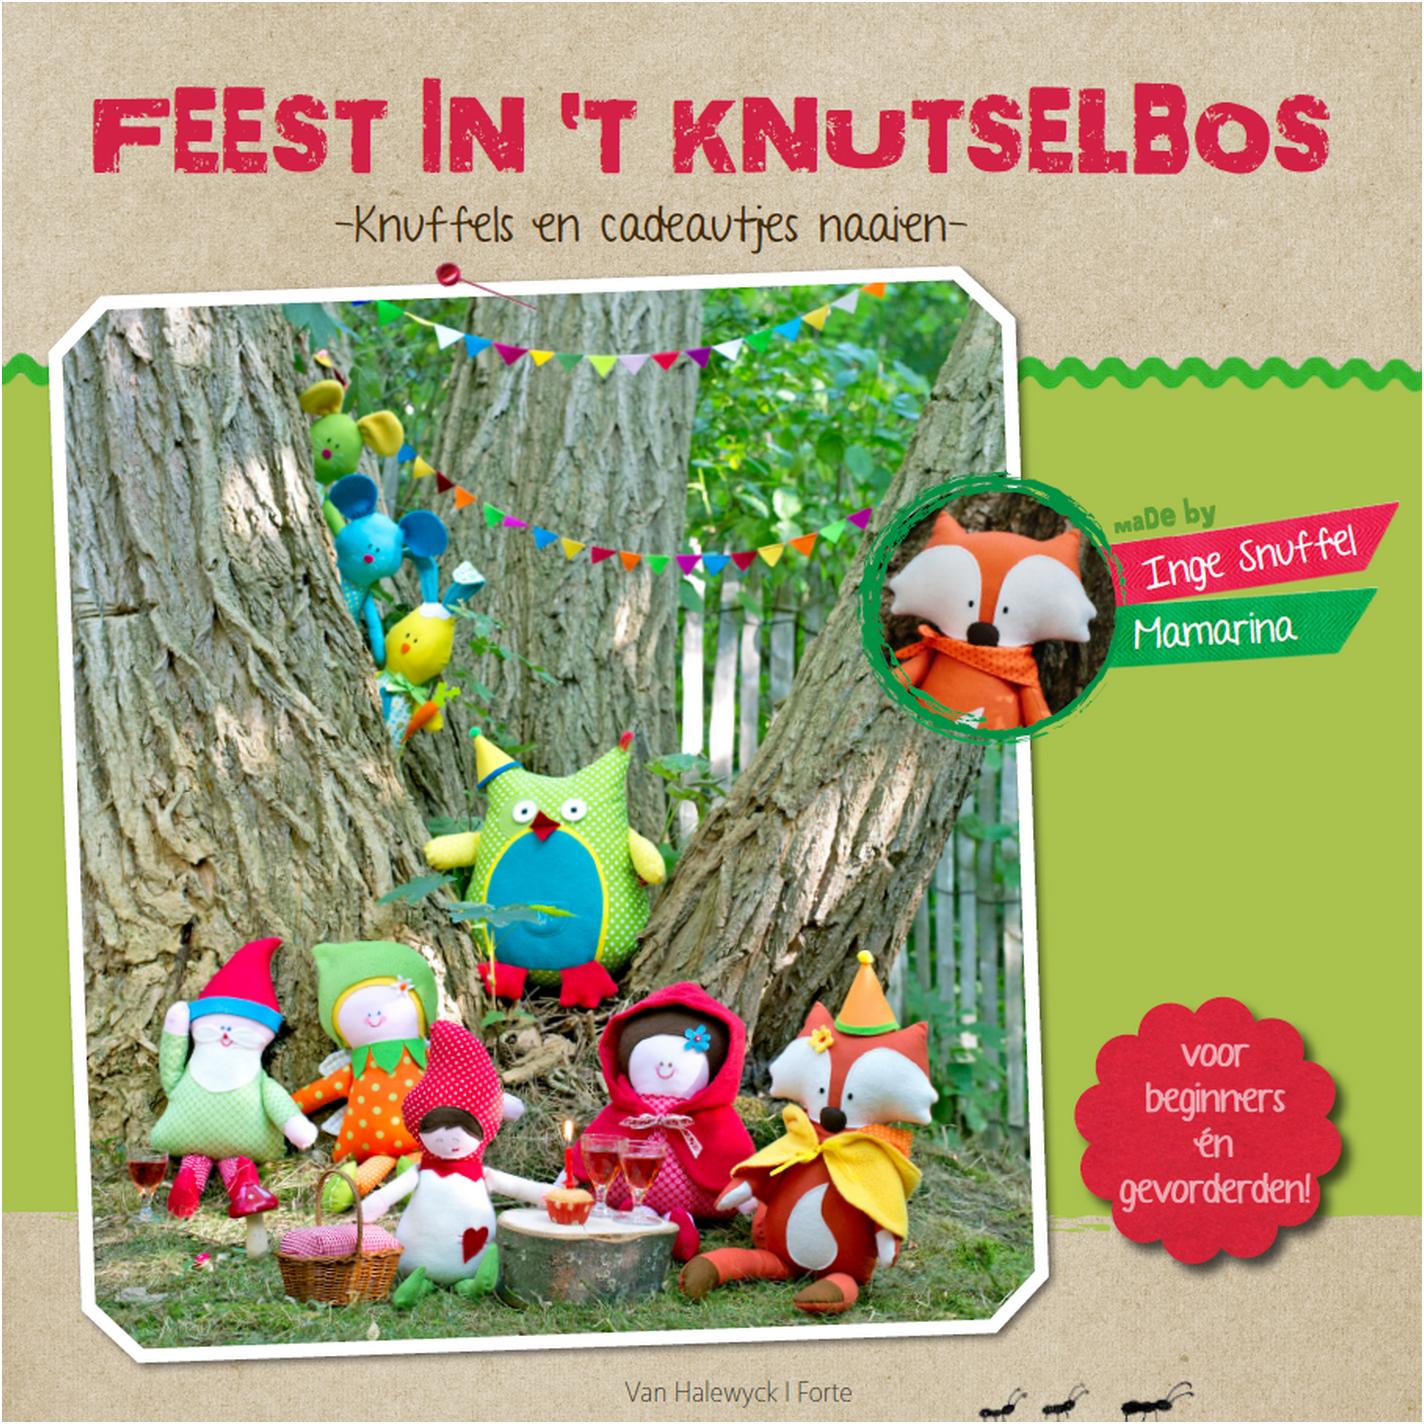 Feest in't knutselbos